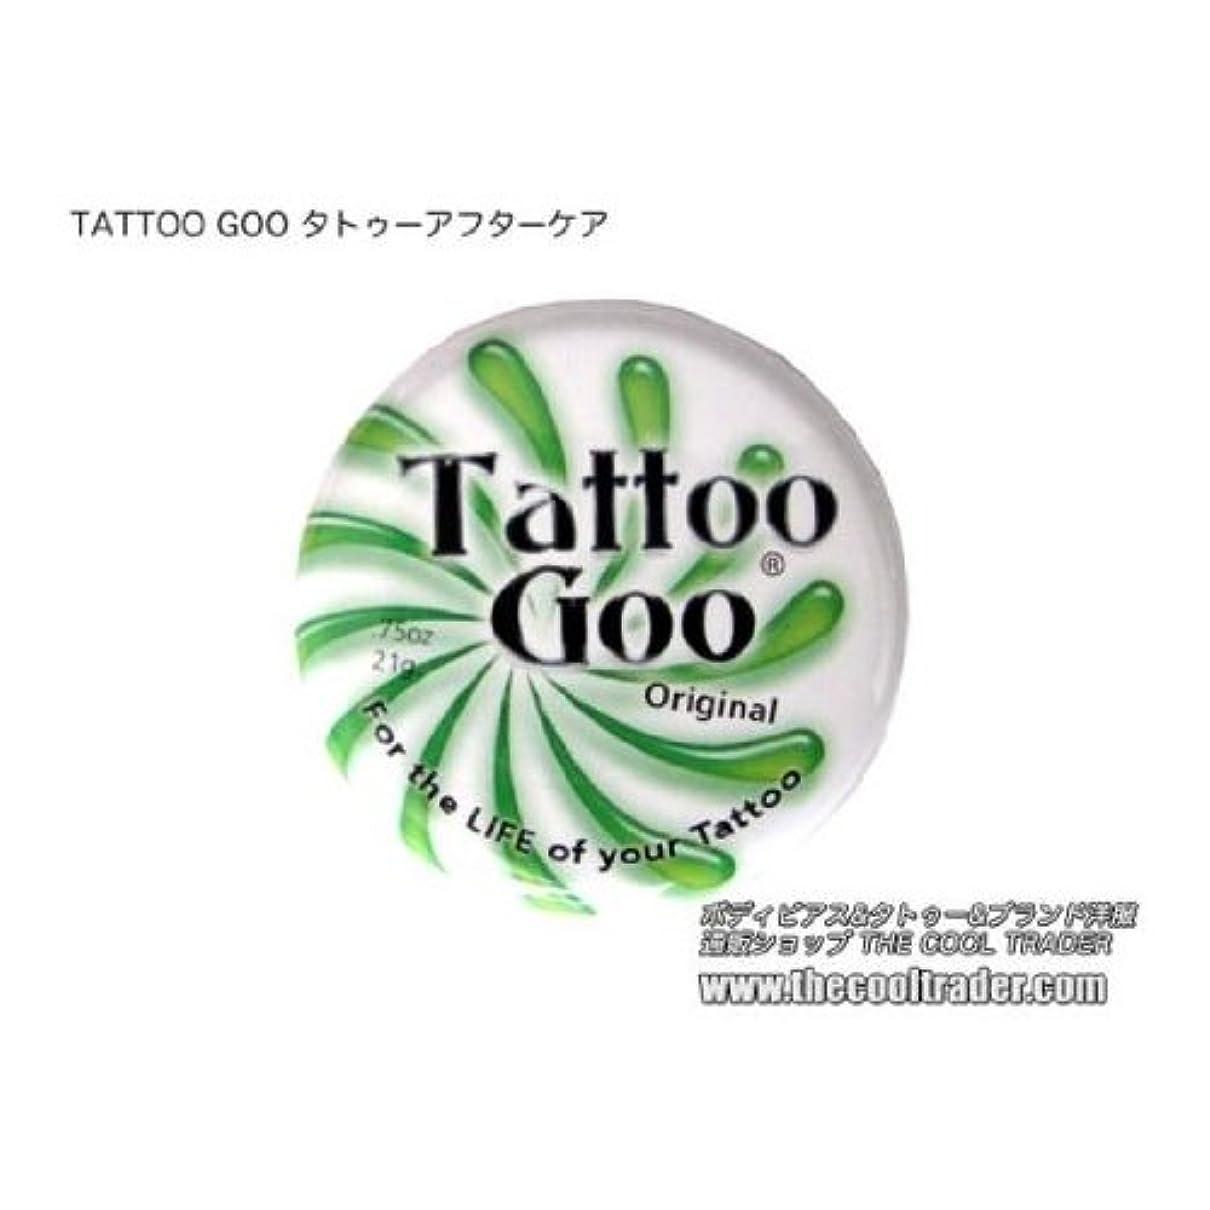 パウダー公平な非常にTATTOO GOO タトゥー&ボディピアス専用アフターケア 軟膏クリーム オリジナル